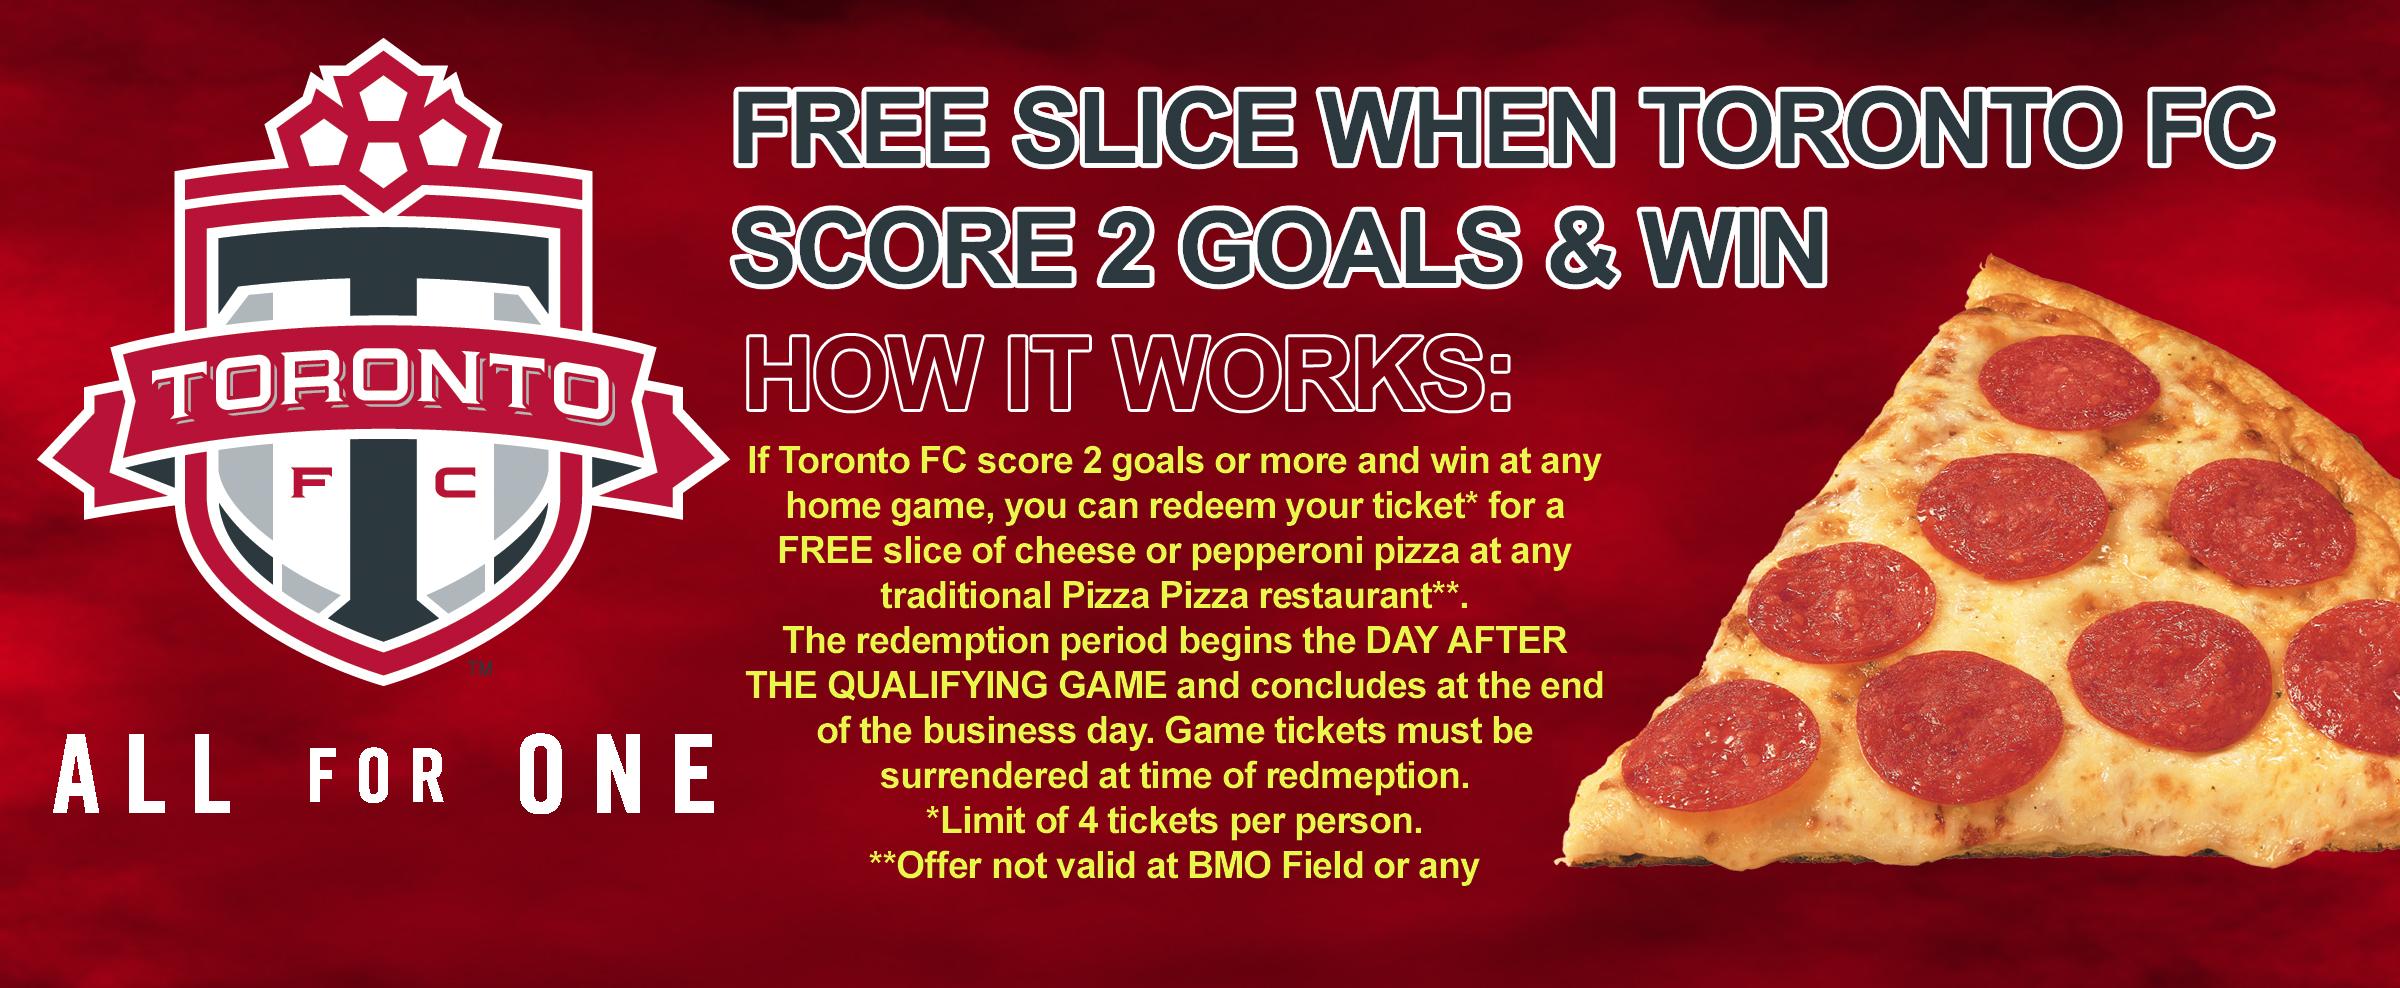 Toronto FC Score & Win Promo image contest banner